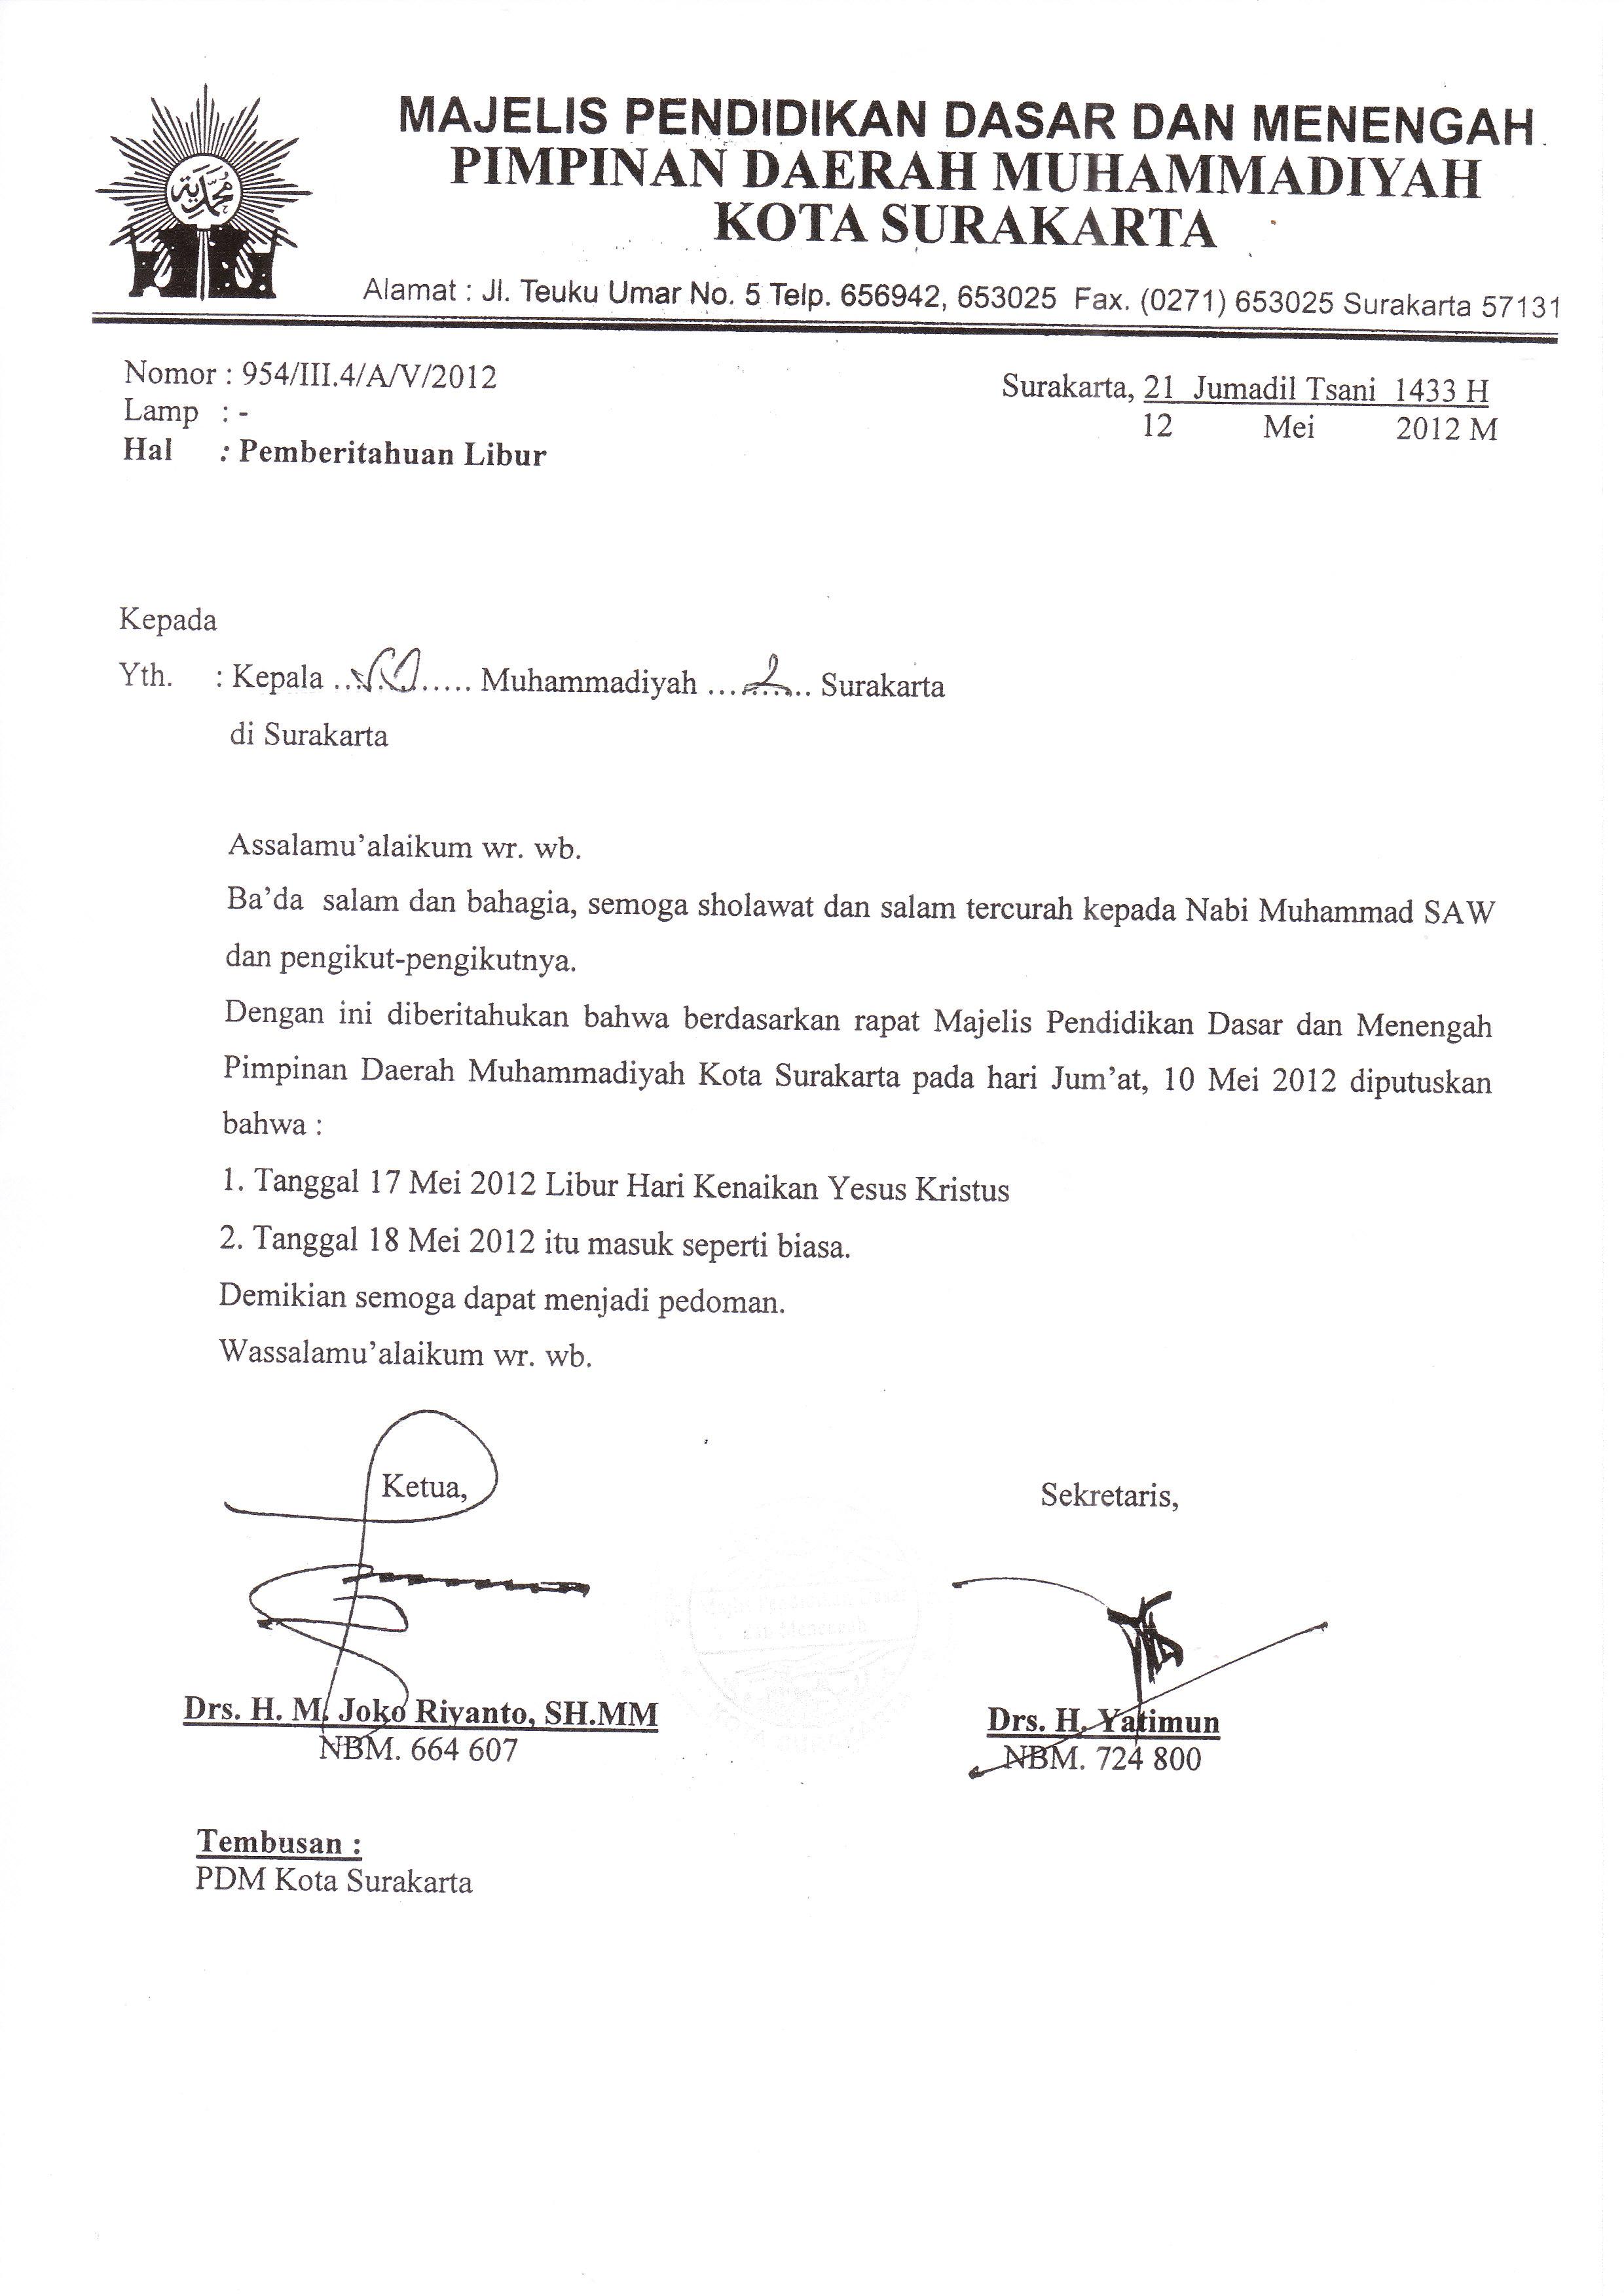 Pengumuman Pemberitahuan Libur Sd Muhammadiyah 2 Surakarta